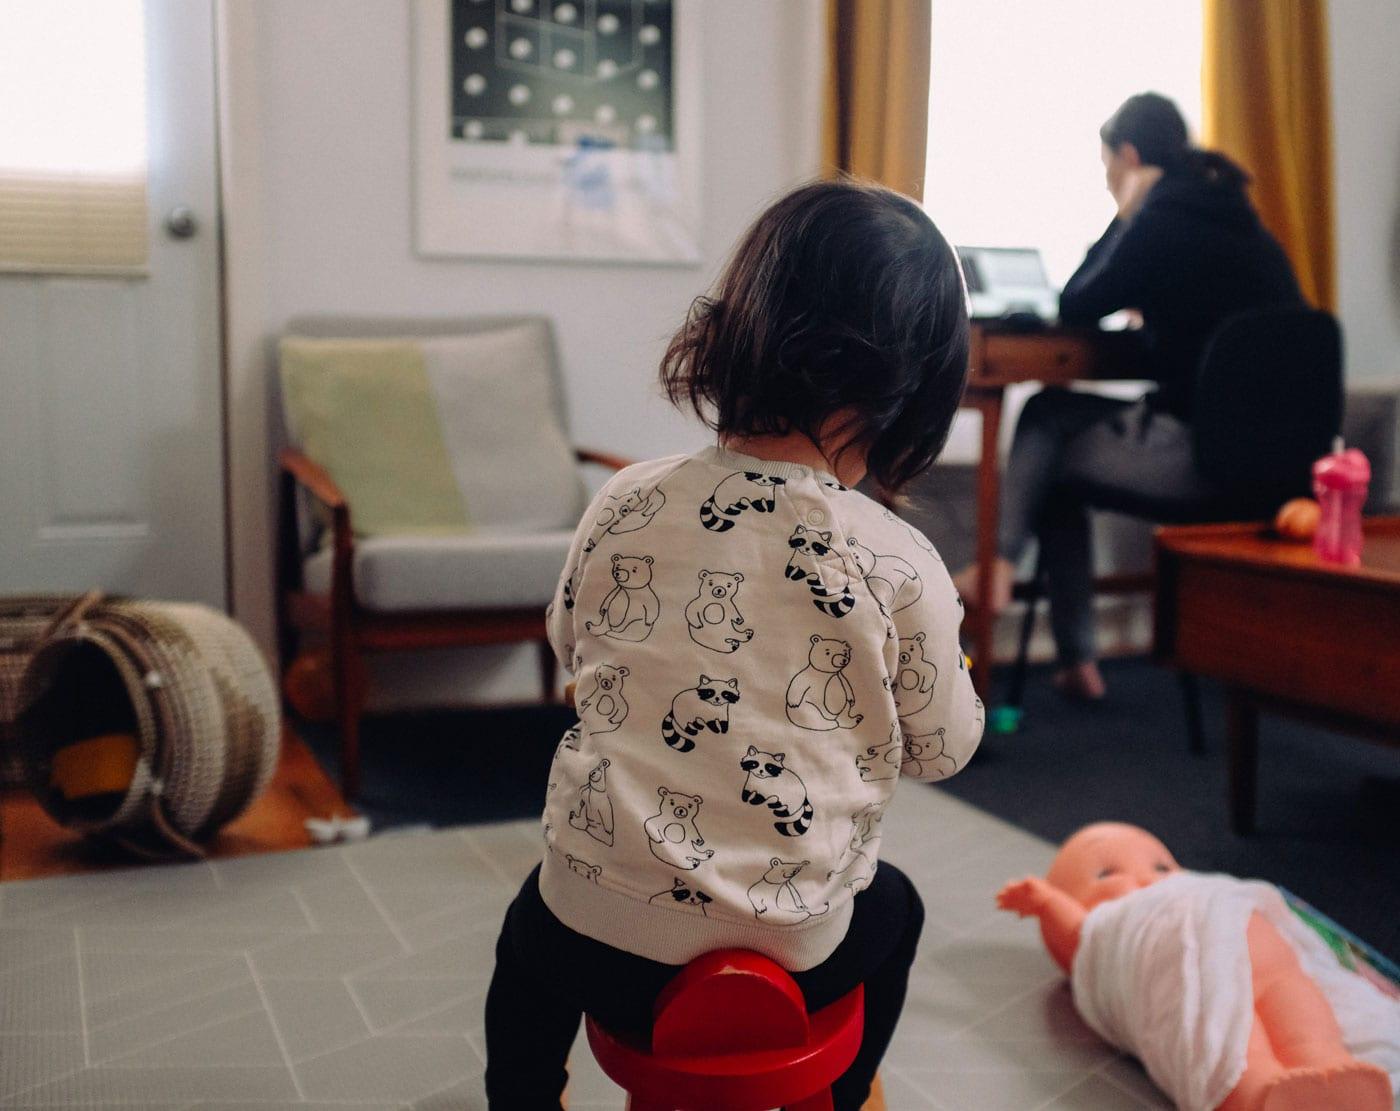 Lohnverlust wegen Kinderbetreuung in der Corona-Ausnahmesituation – in Berlin Entschädigung online beantragen // HIMBEER